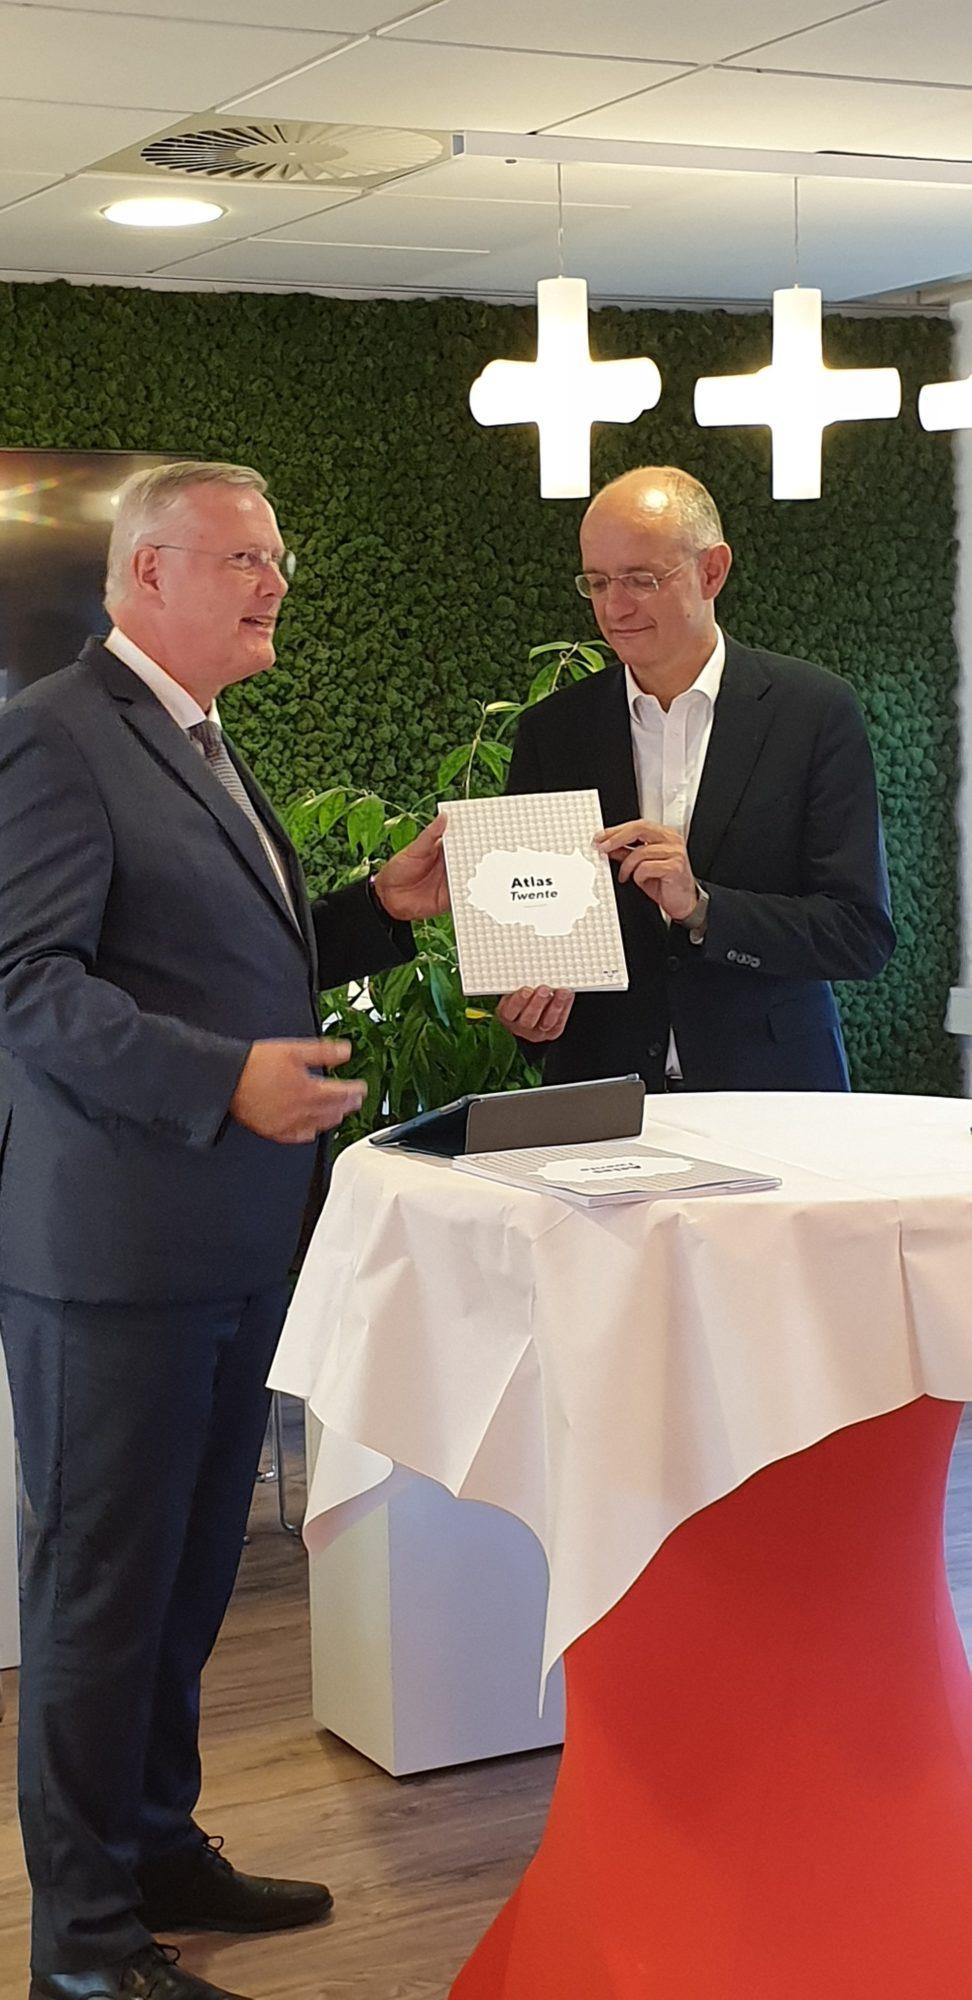 Onno van Veldhuizen, voorzitter van Regio Twente, ontvangt het allereerste exemplaar van de Atlas Twente van Andries Heidema, commissaris van de koning.